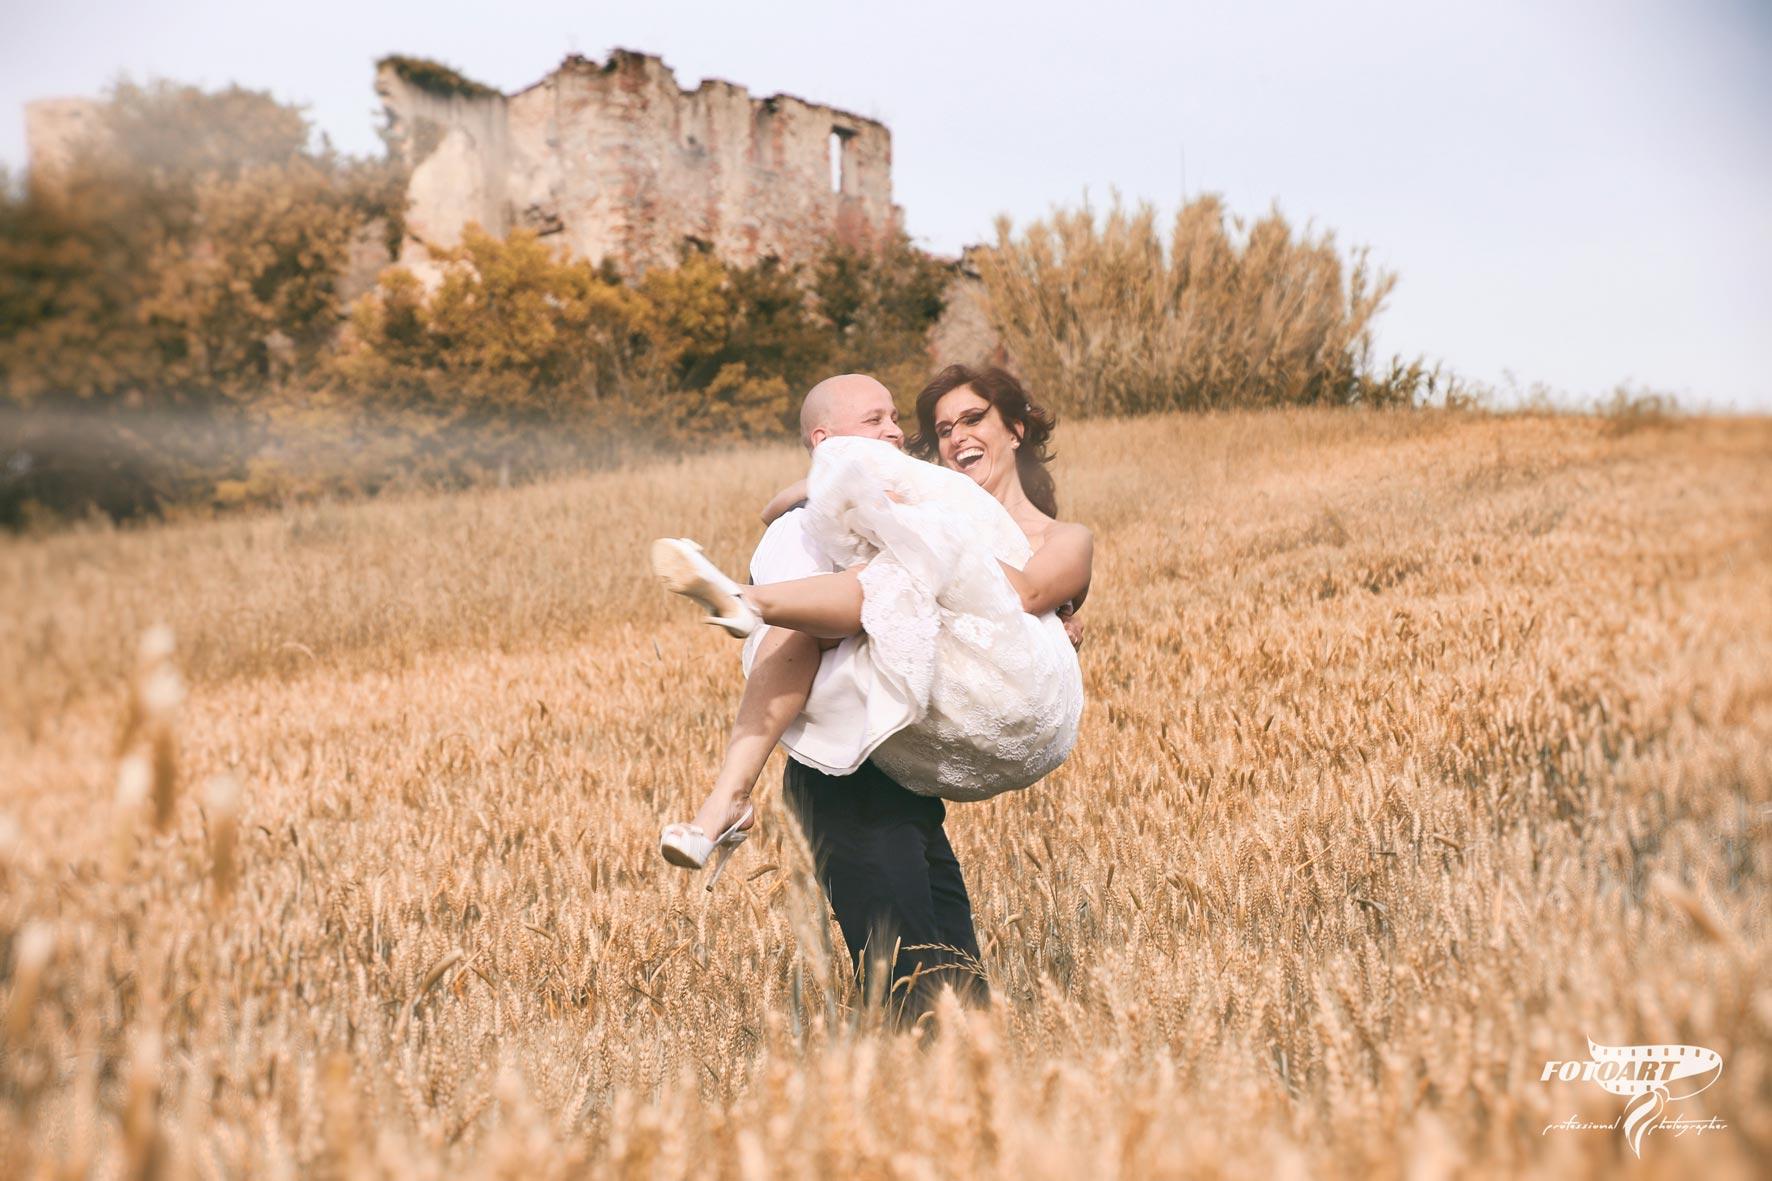 Matrimonio lucca vintage - FotoArt Lucca